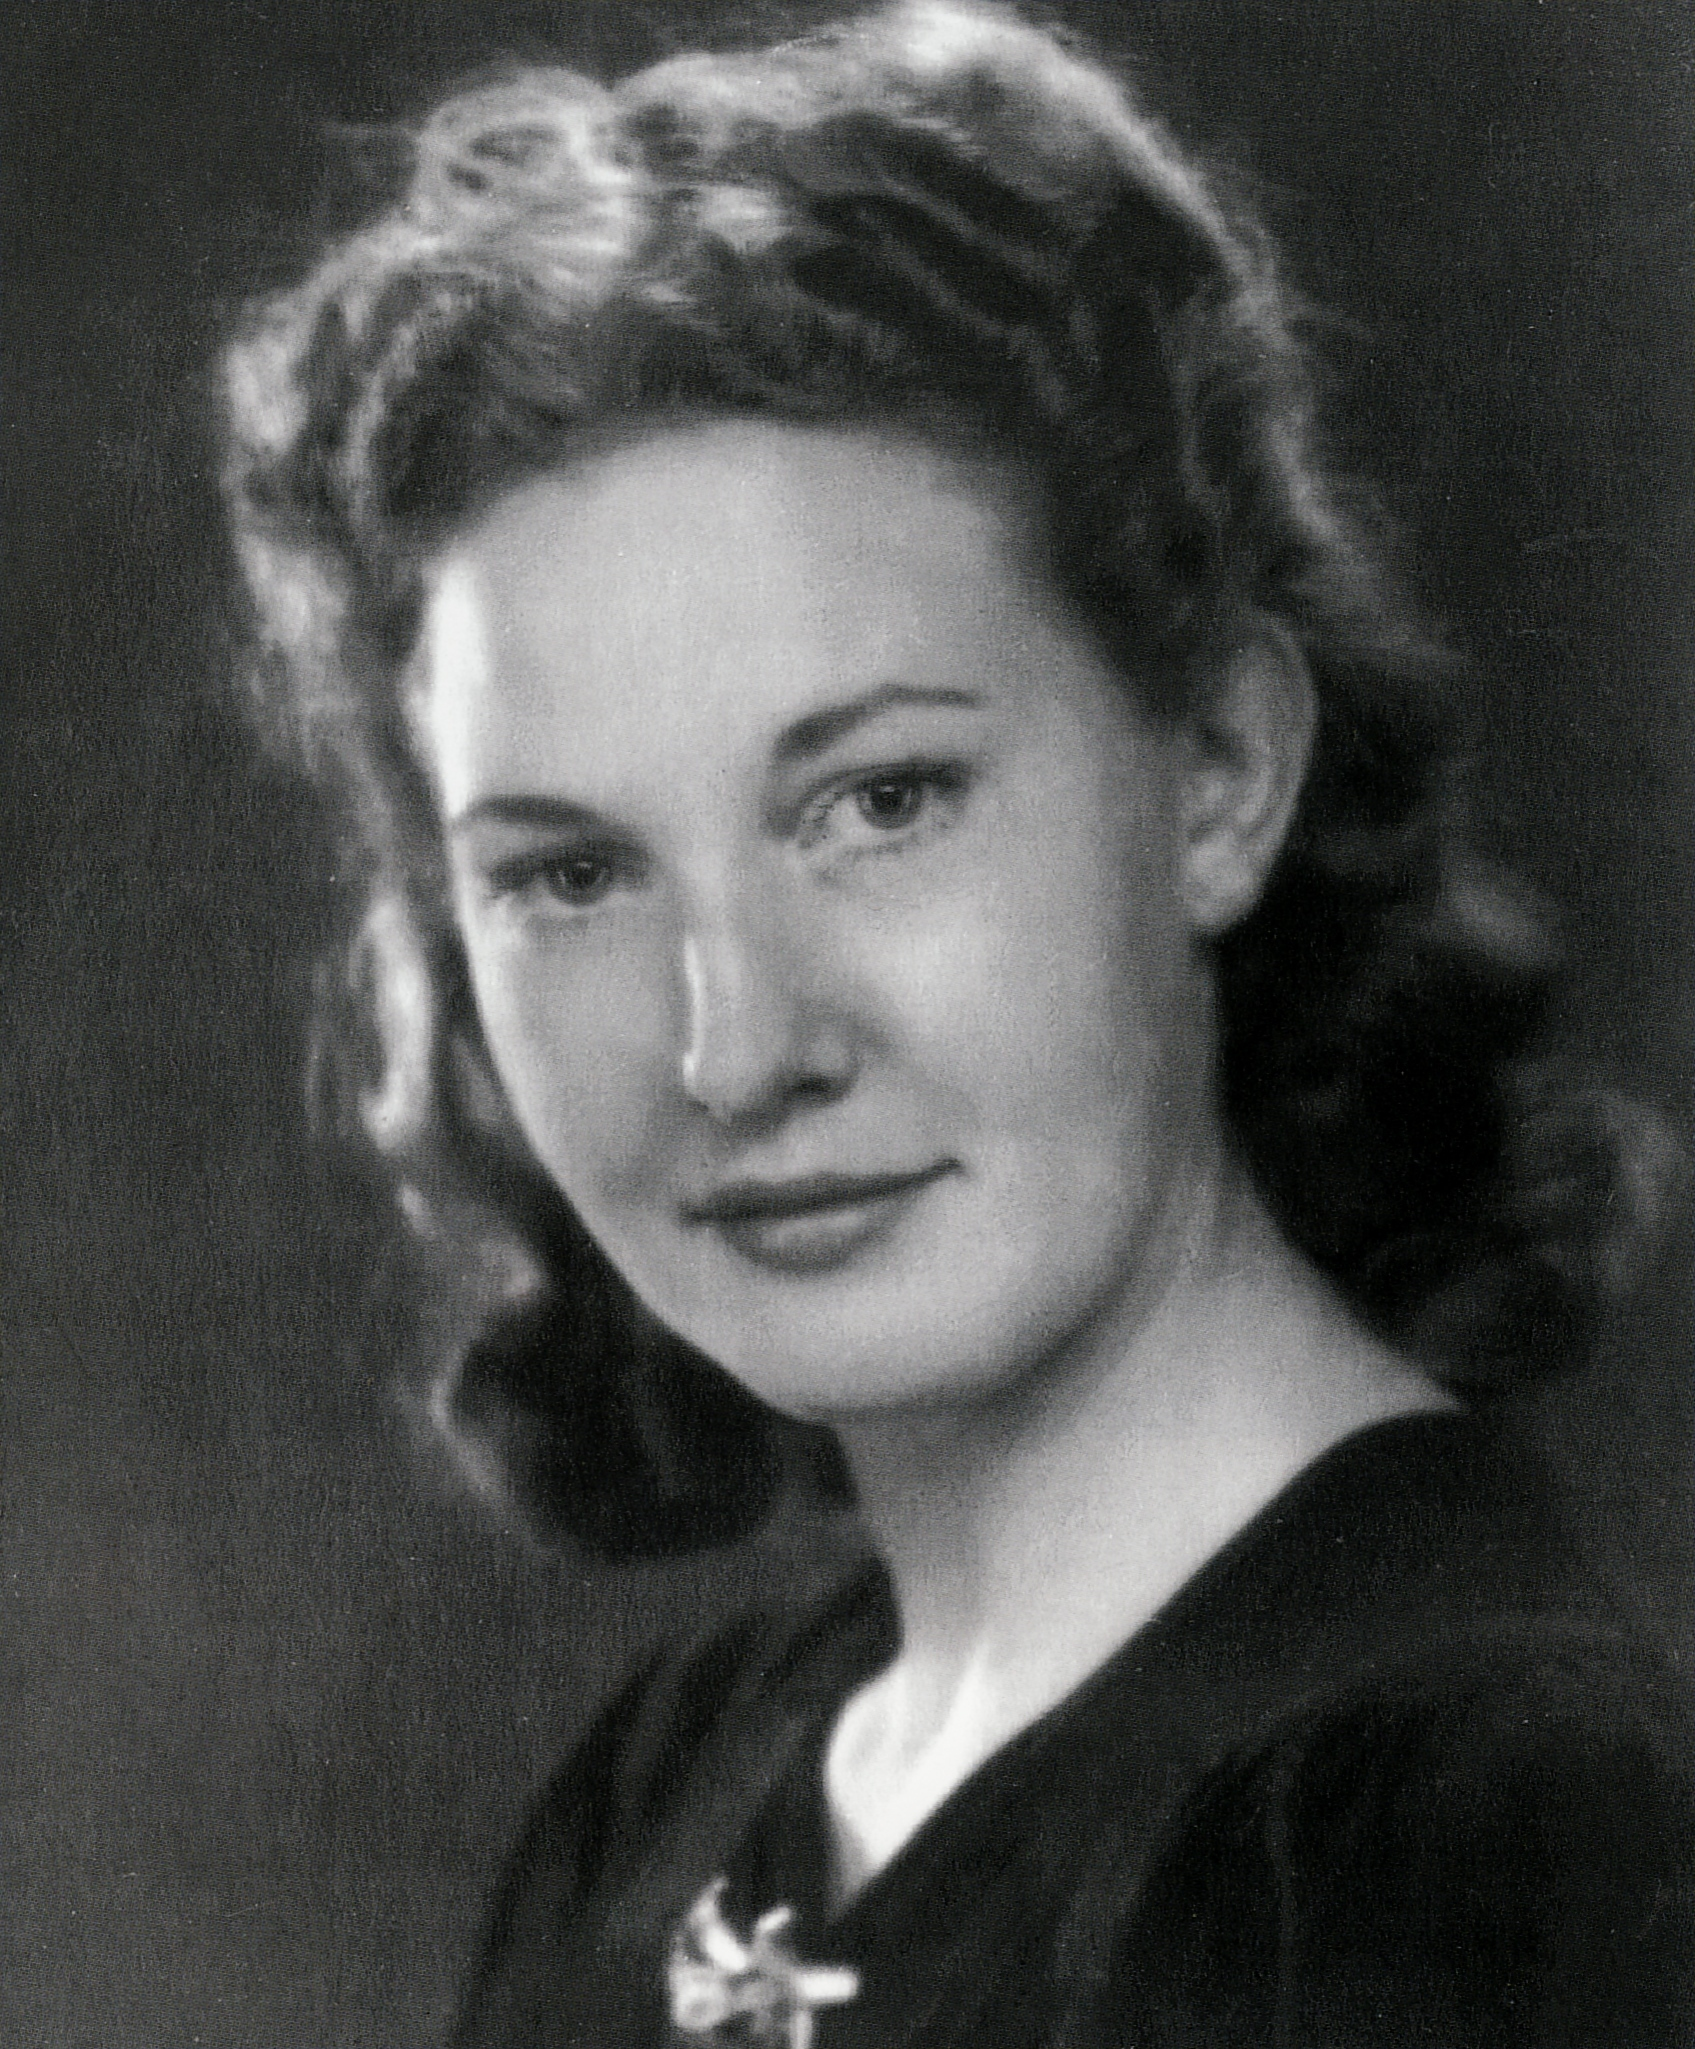 María H. Ólafsdóttir